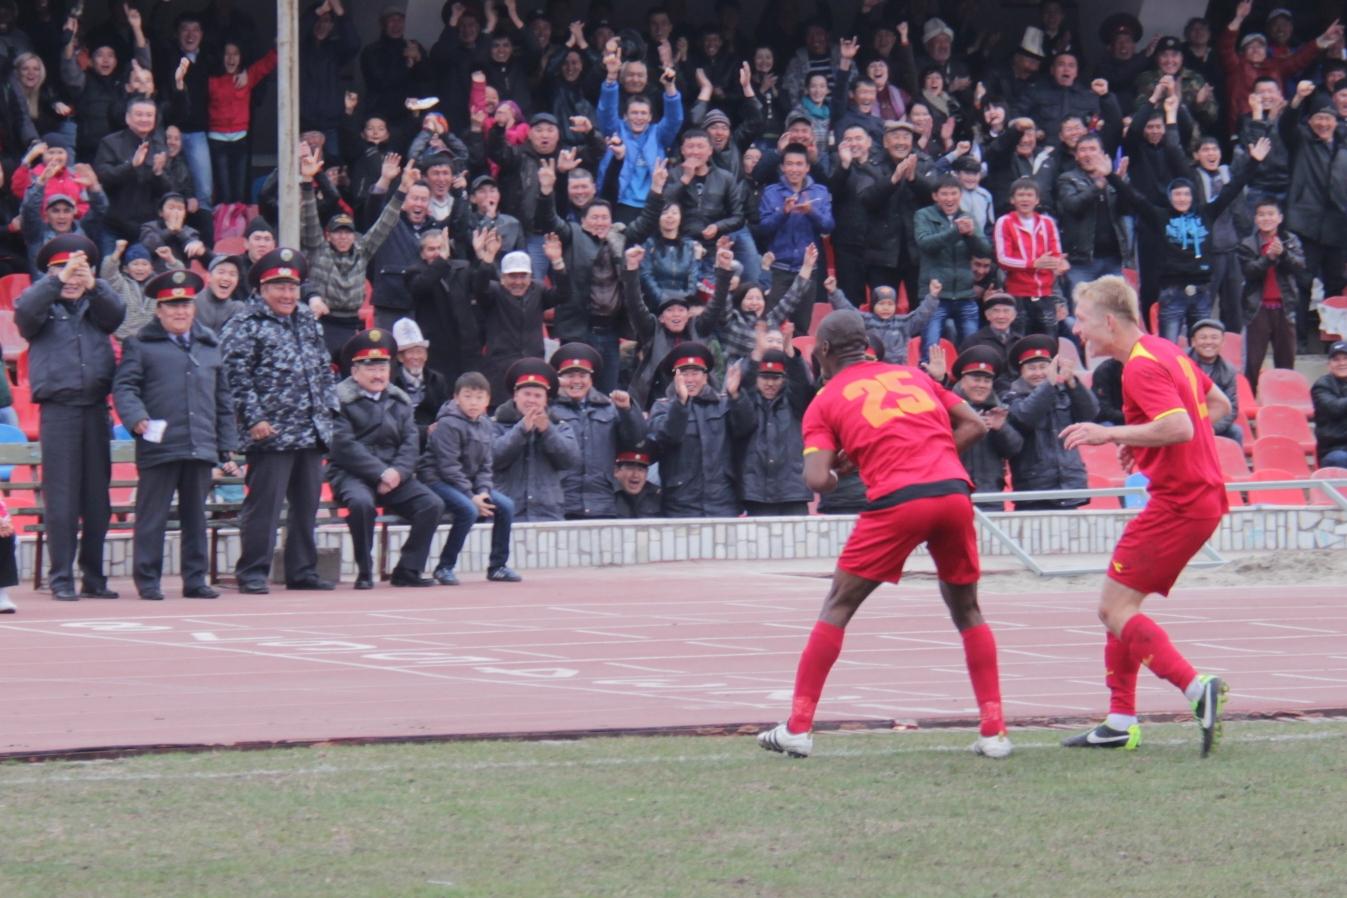 Кыргызские футболисты празднуют гол в ворота сборной Таджикистан, март 2013 года. Фото: Гульжан Турдубаева / Kloop.kg